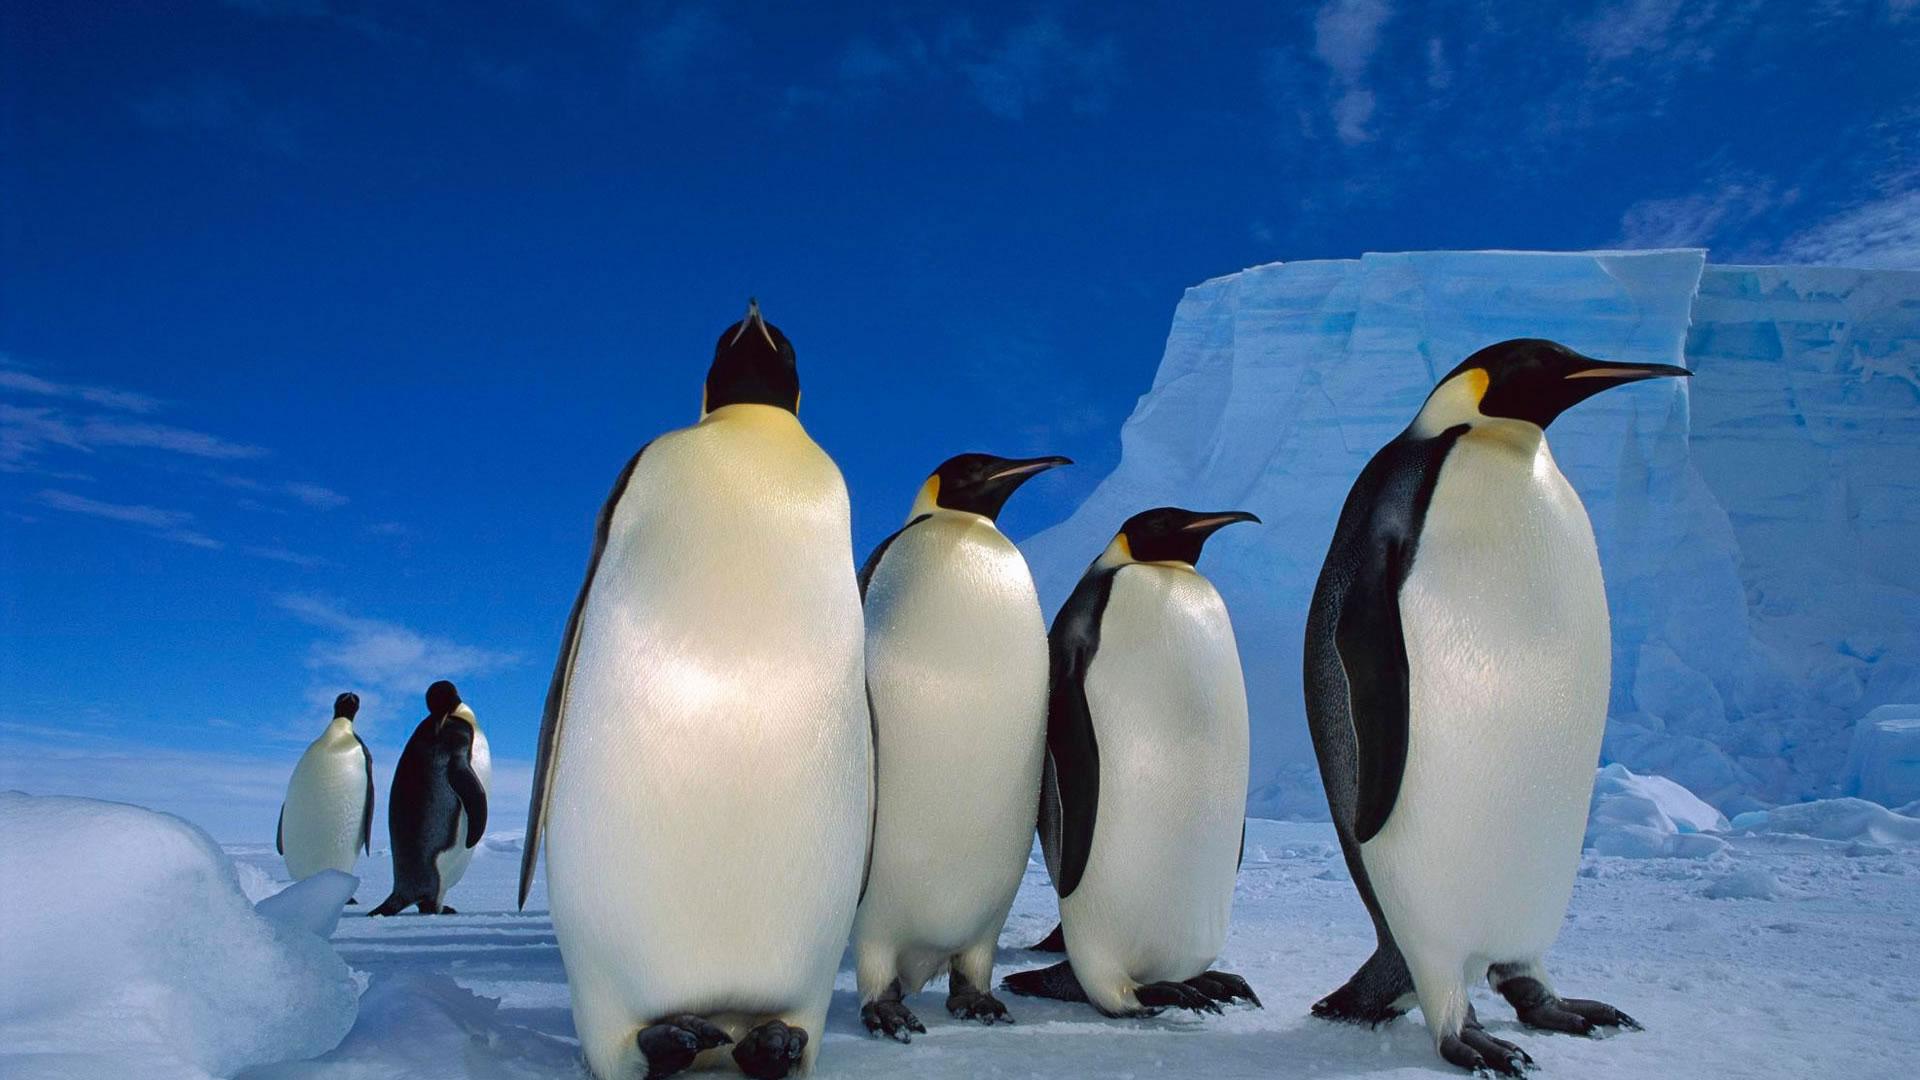 императорские пингвины, скачать фото, обои для рабочего стола